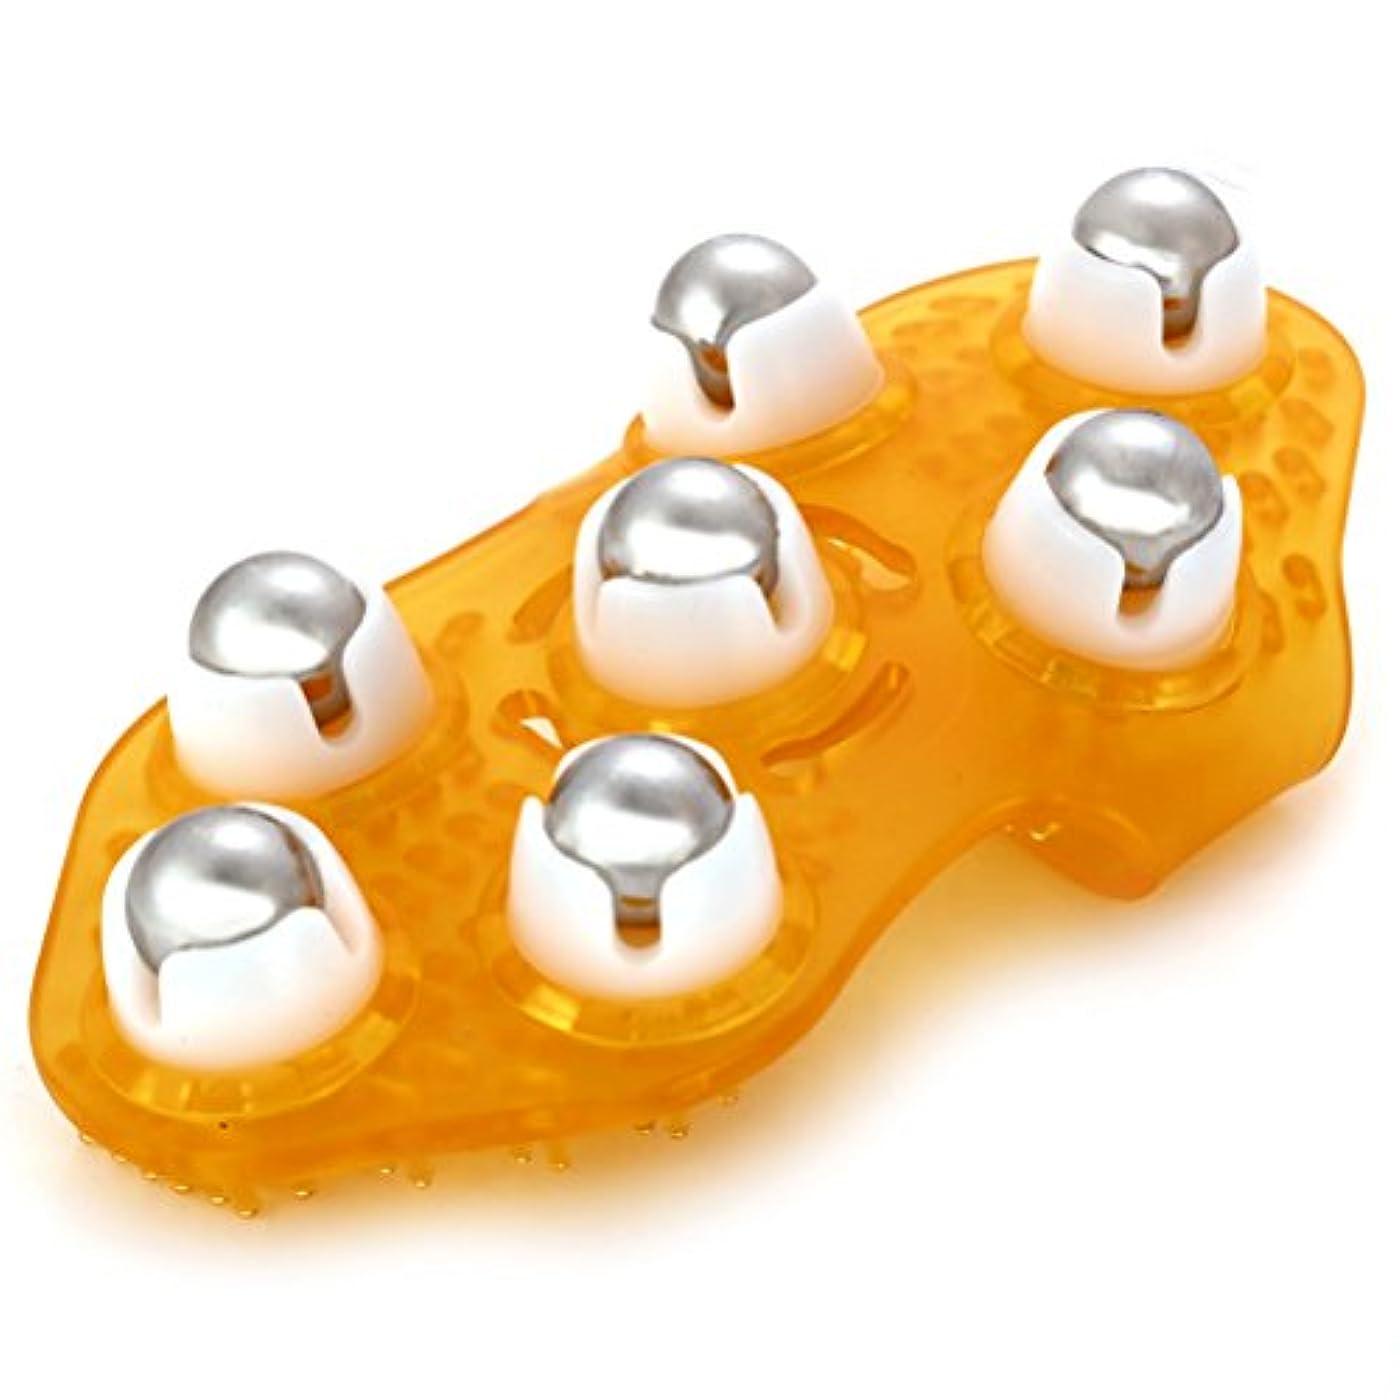 強大な人工的な再びROSENICE マッサージグローブ ボディ用 多機能マッサージ器具 360度鋼ローリングボール(ランダムカラー)